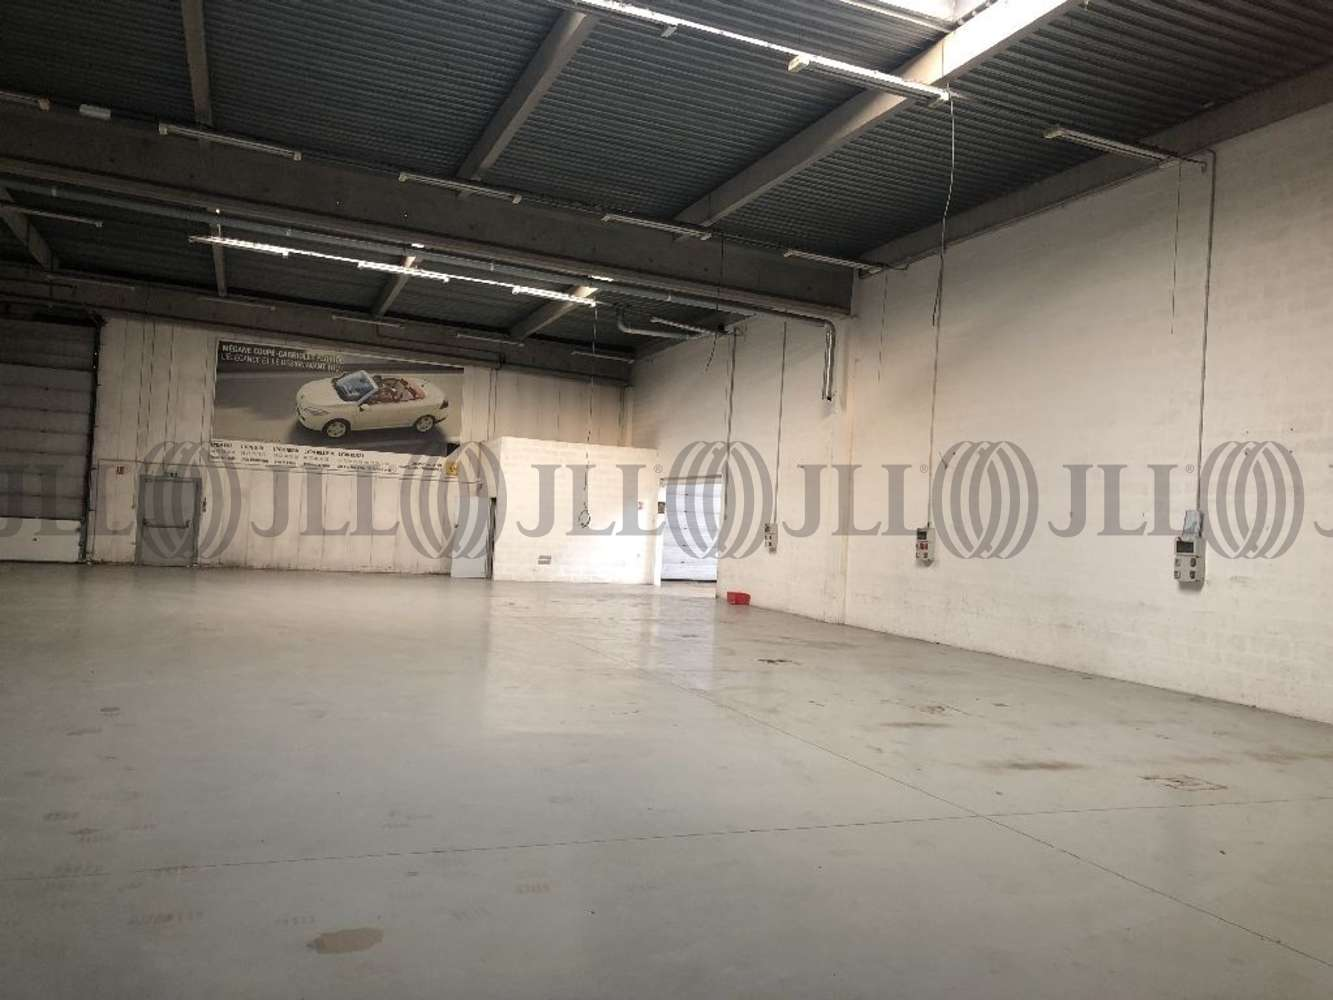 Activités/entrepôt Venissieux, 69200 - GREEN CAMPUS - LOCAUX A LOUER LYON (69)